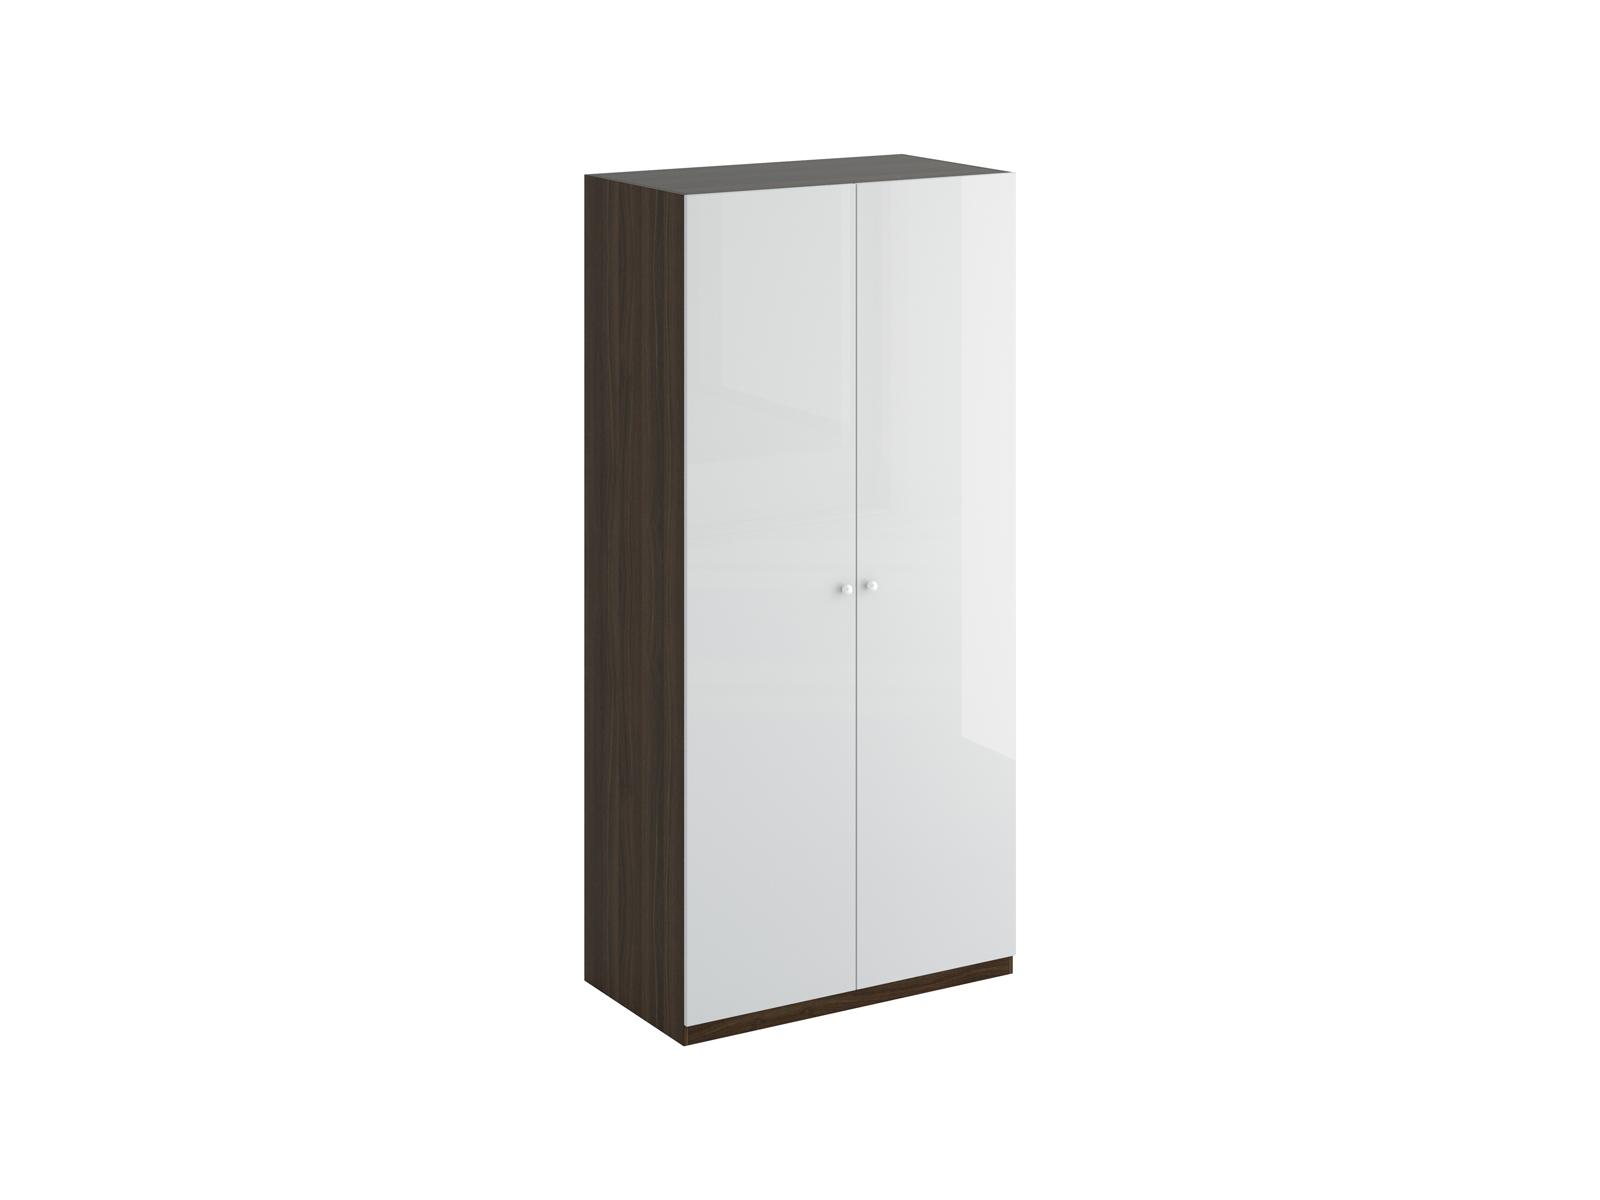 Шкаф UnoБельевые шкафы<br>&amp;lt;div&amp;gt;Шкаф двухдверный&amp;amp;nbsp; внутри расположены 5 полок. Установлен на регулируемые опоры. Данную мебель рекомендуется крепить к стене. Ручки продаются отдельно, не входят в стоимость изделия.&amp;lt;/div&amp;gt;&amp;lt;div&amp;gt;&amp;lt;br&amp;gt;&amp;lt;/div&amp;gt;&amp;lt;div&amp;gt;Материалы:&amp;lt;/div&amp;gt;&amp;lt;div&amp;gt;Корпус: ЛДСП 16 мм цвет Дуб Шато&amp;lt;/div&amp;gt;&amp;lt;div&amp;gt;Фасад: ЛДСП 16 мм цвет Белый глянец&amp;lt;/div&amp;gt;<br><br>Material: ДСП<br>Ширина см: 109<br>Высота см: 232<br>Глубина см: 59